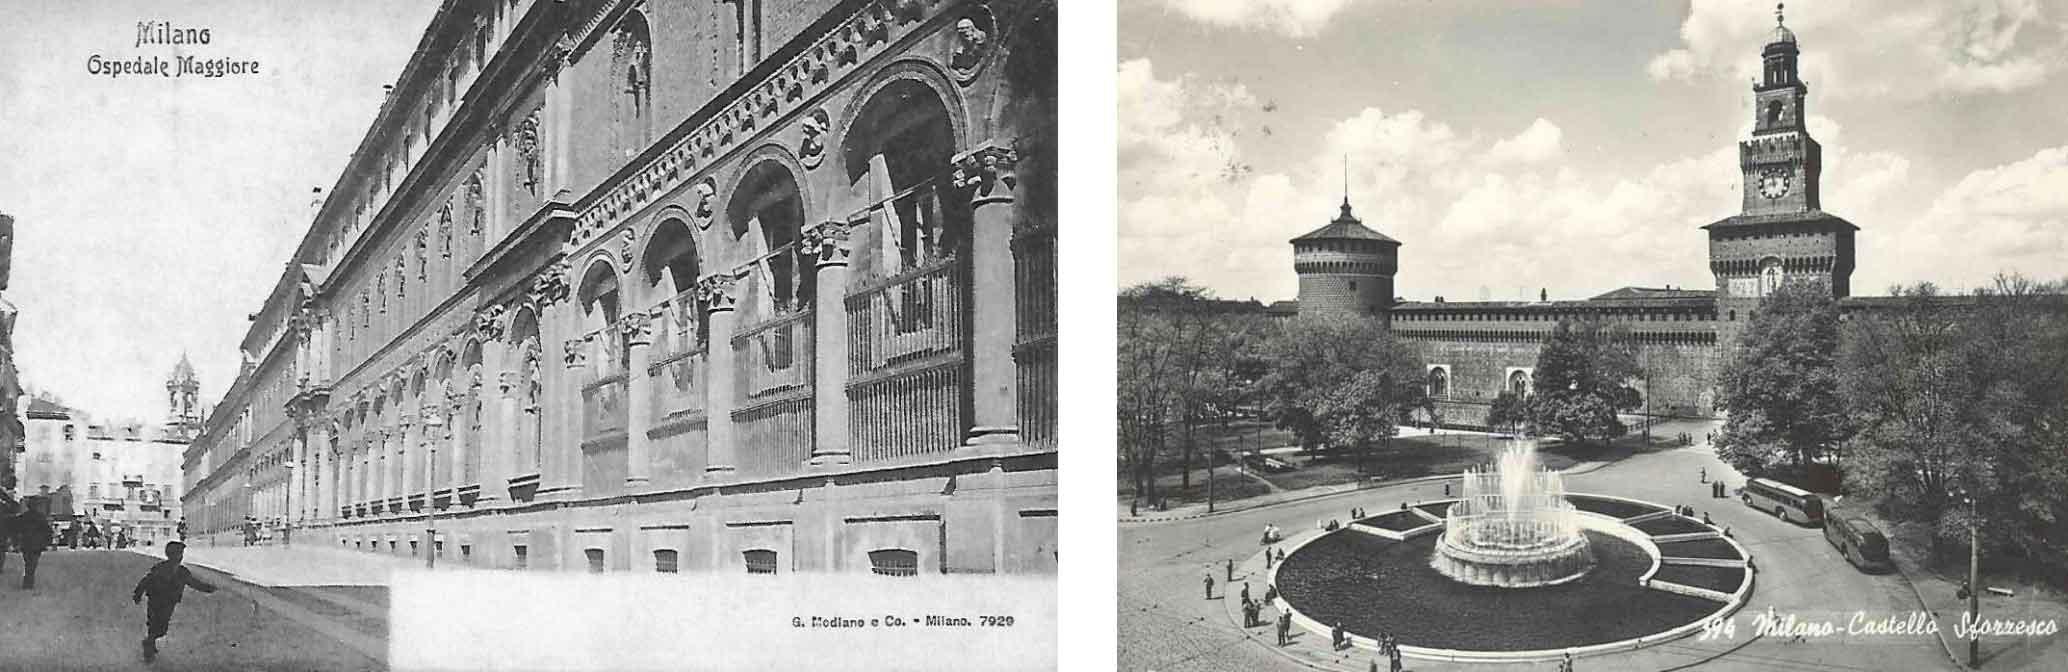 Da sinistra, una cartolina storica dell'Ospedale Maggiore; accanto il Castello Sforzesco di Milano